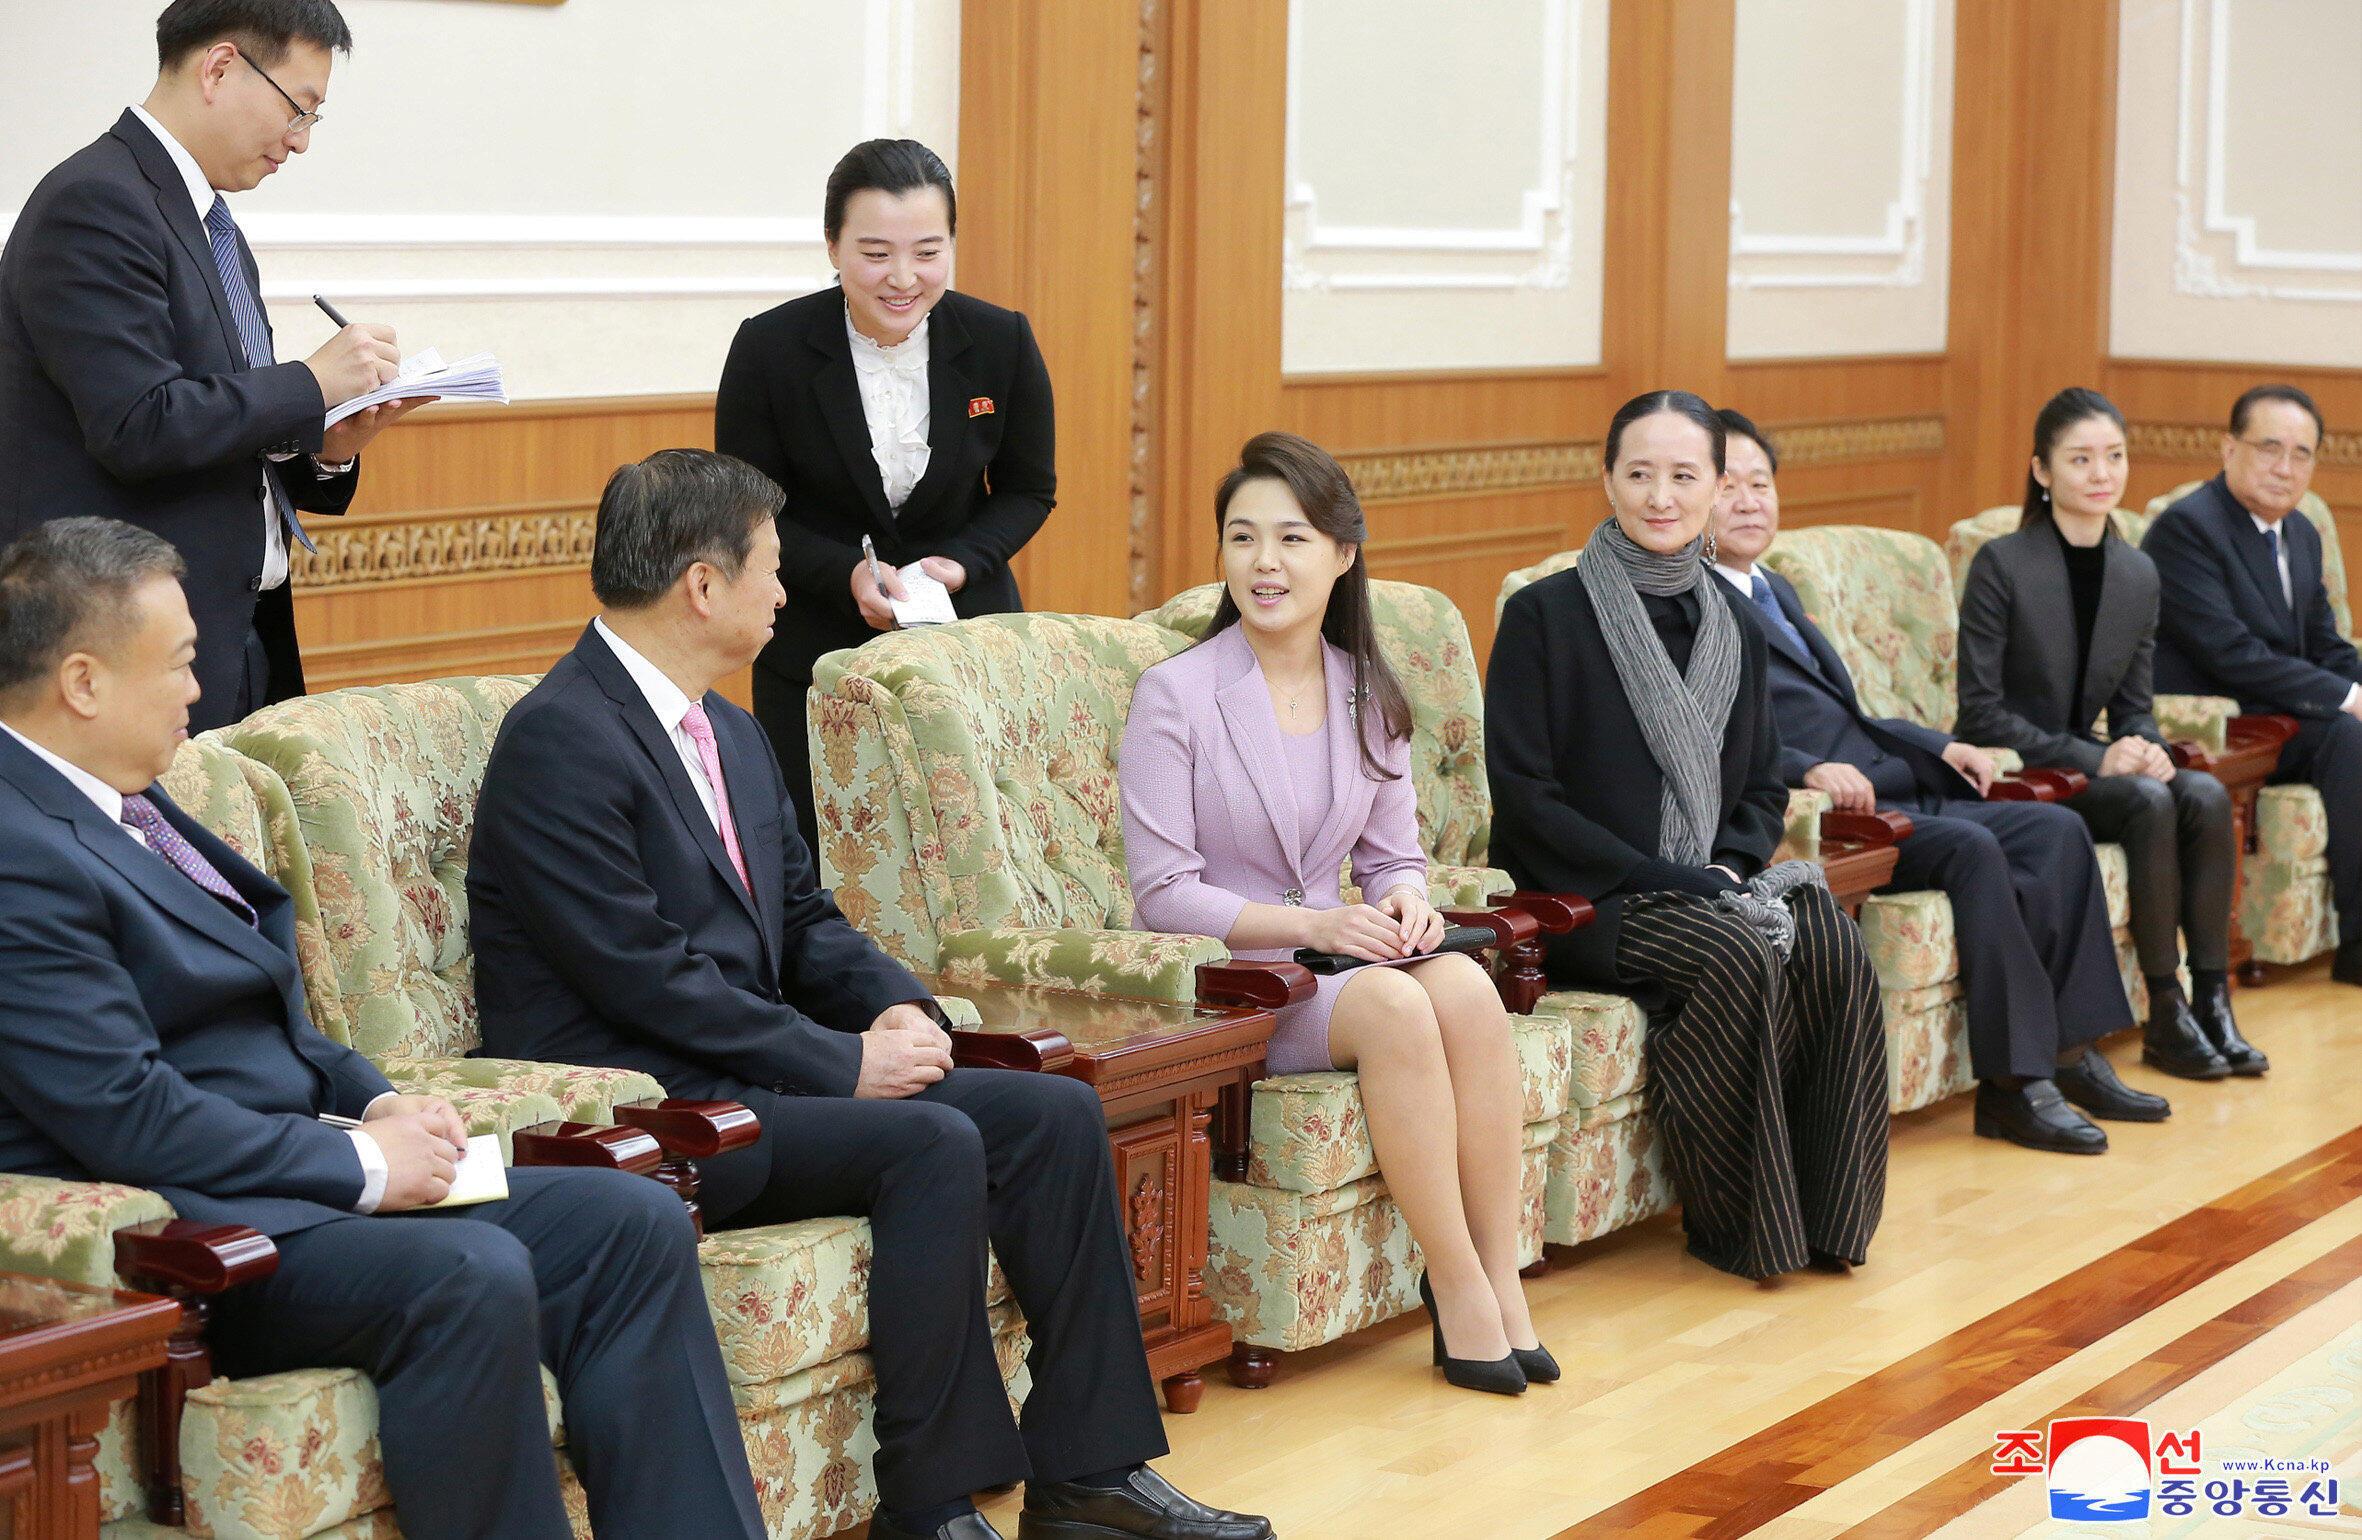 Bắc Triều Tiên: 'đệ nhất phu nhân' Ri Sol Ju tiếp ông Tống Đào, trưởng đoàn nghệ thuật Trung Quốc đến  Bình Nhưỡng. Ảnh ngày 15/04/2018.